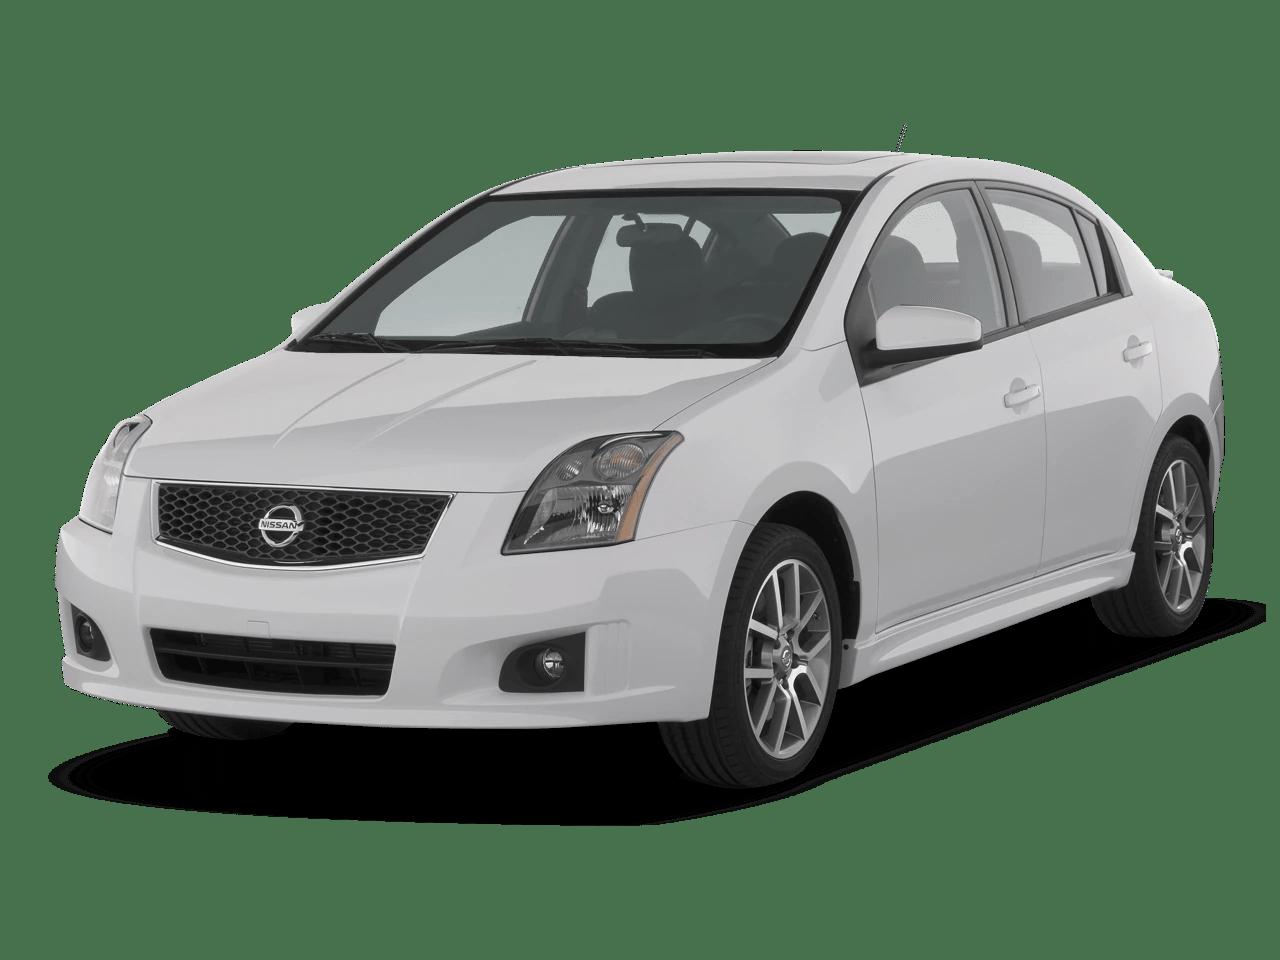 2 Sentra Nissan Motor 5 2009